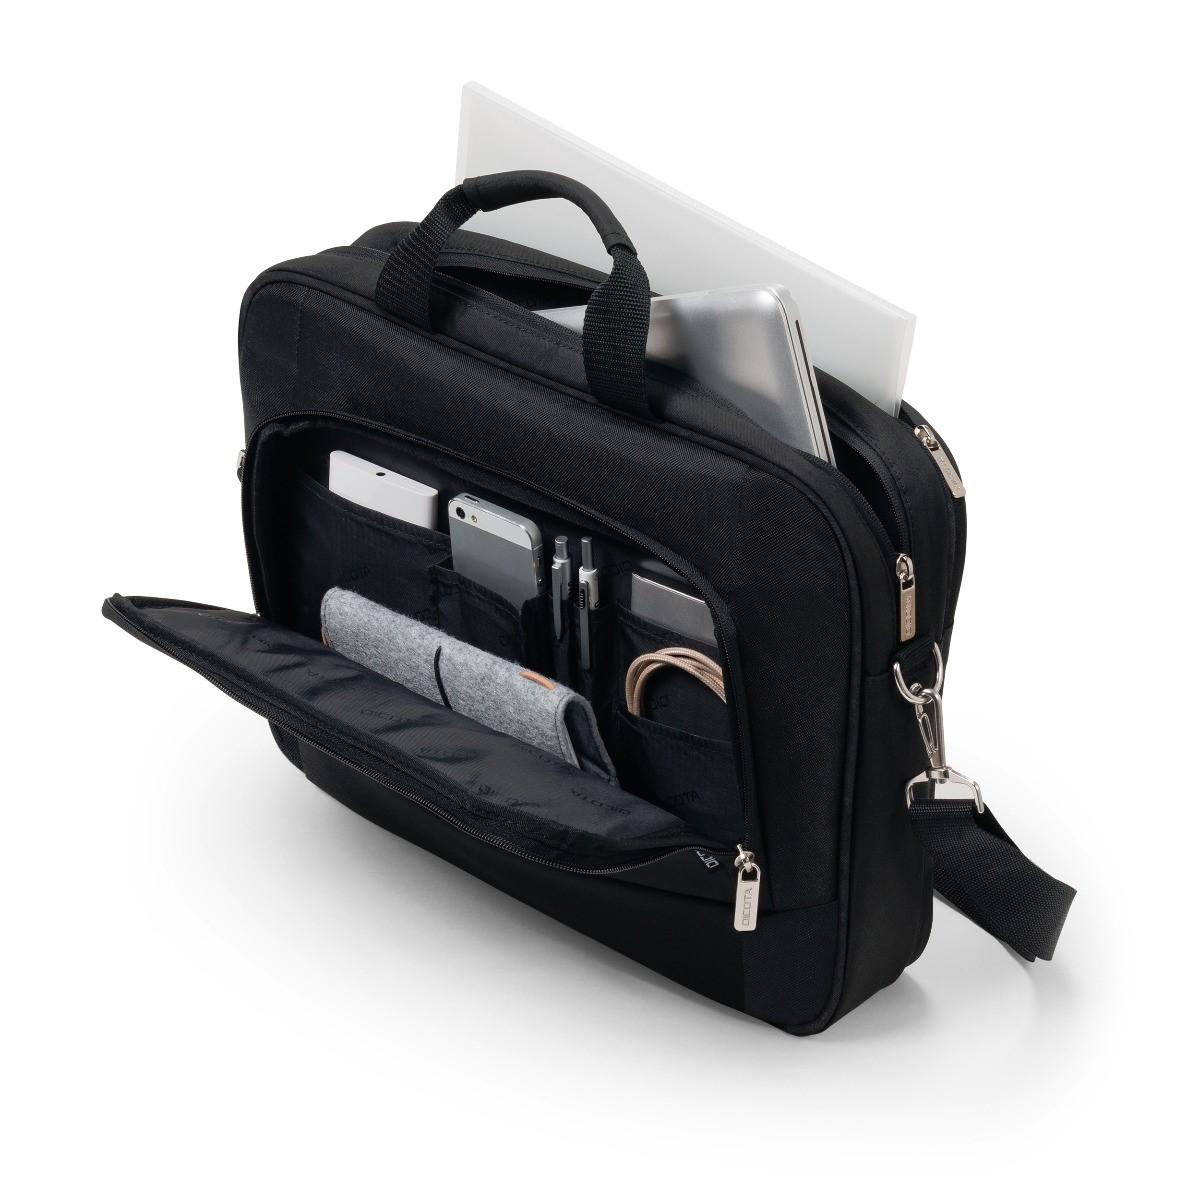 خرید کیف دستی لپ تاپ با کیفیت